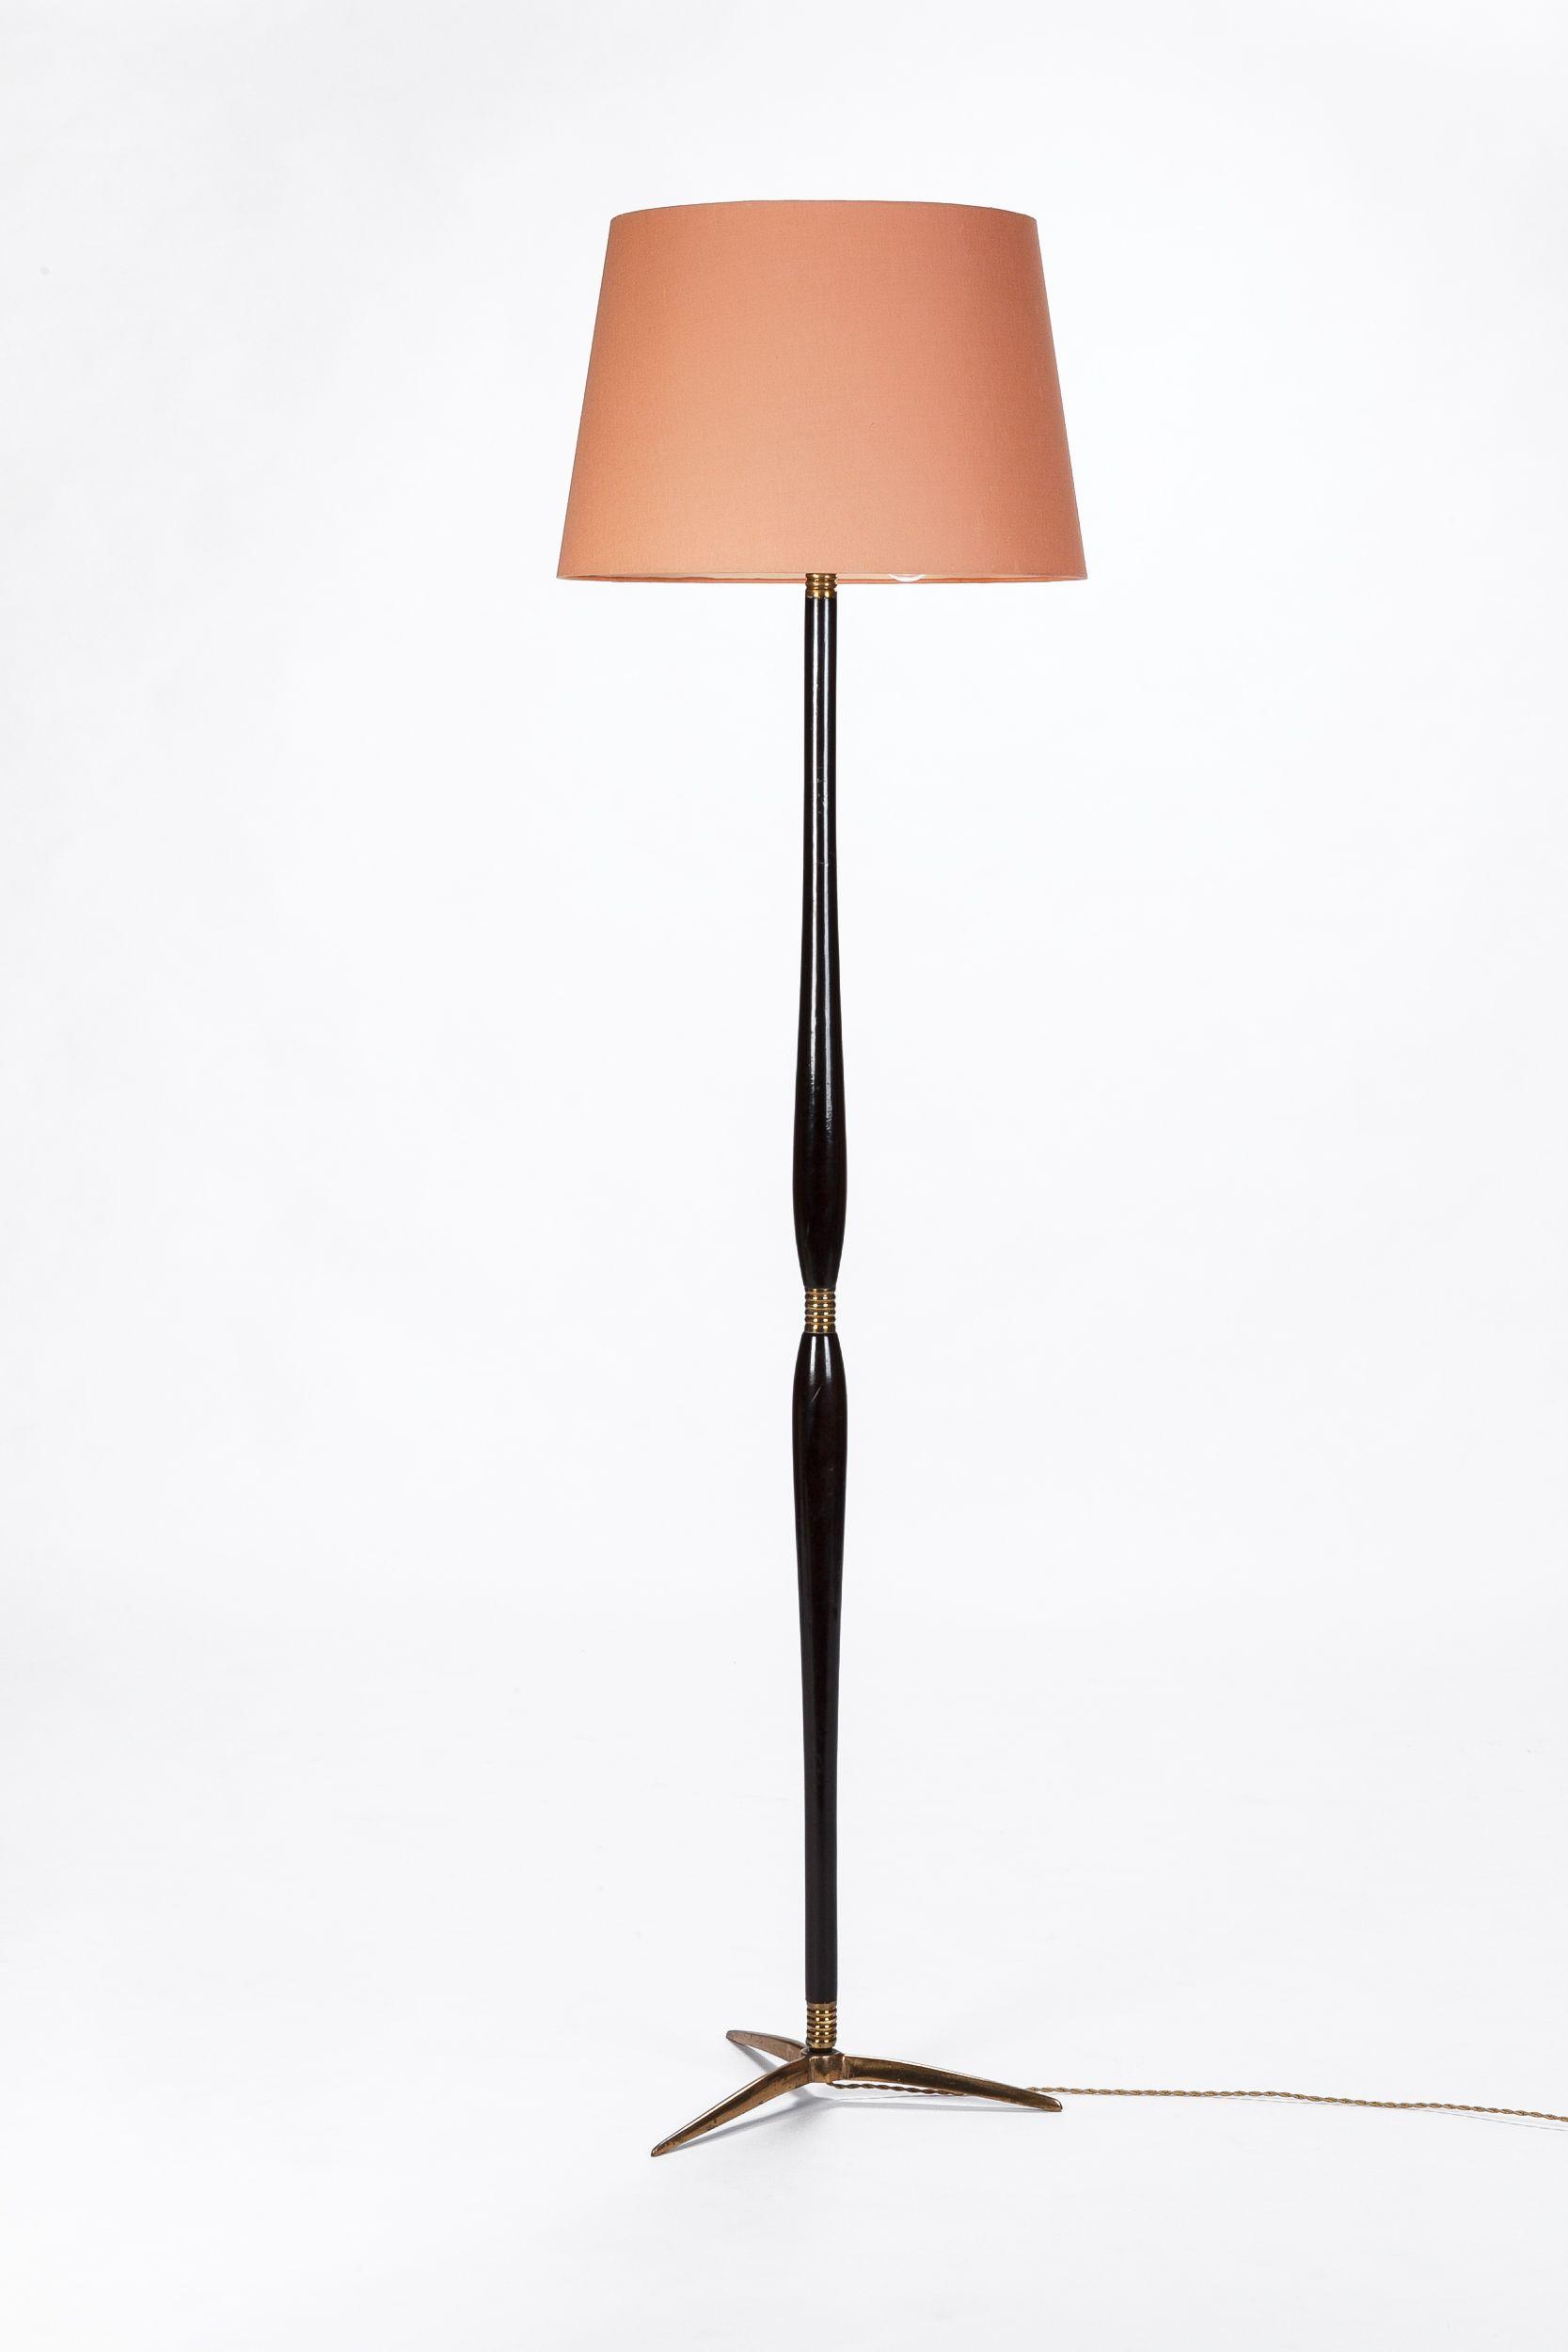 Italian Floor Lamp Attr Cesare Lacca 40 S